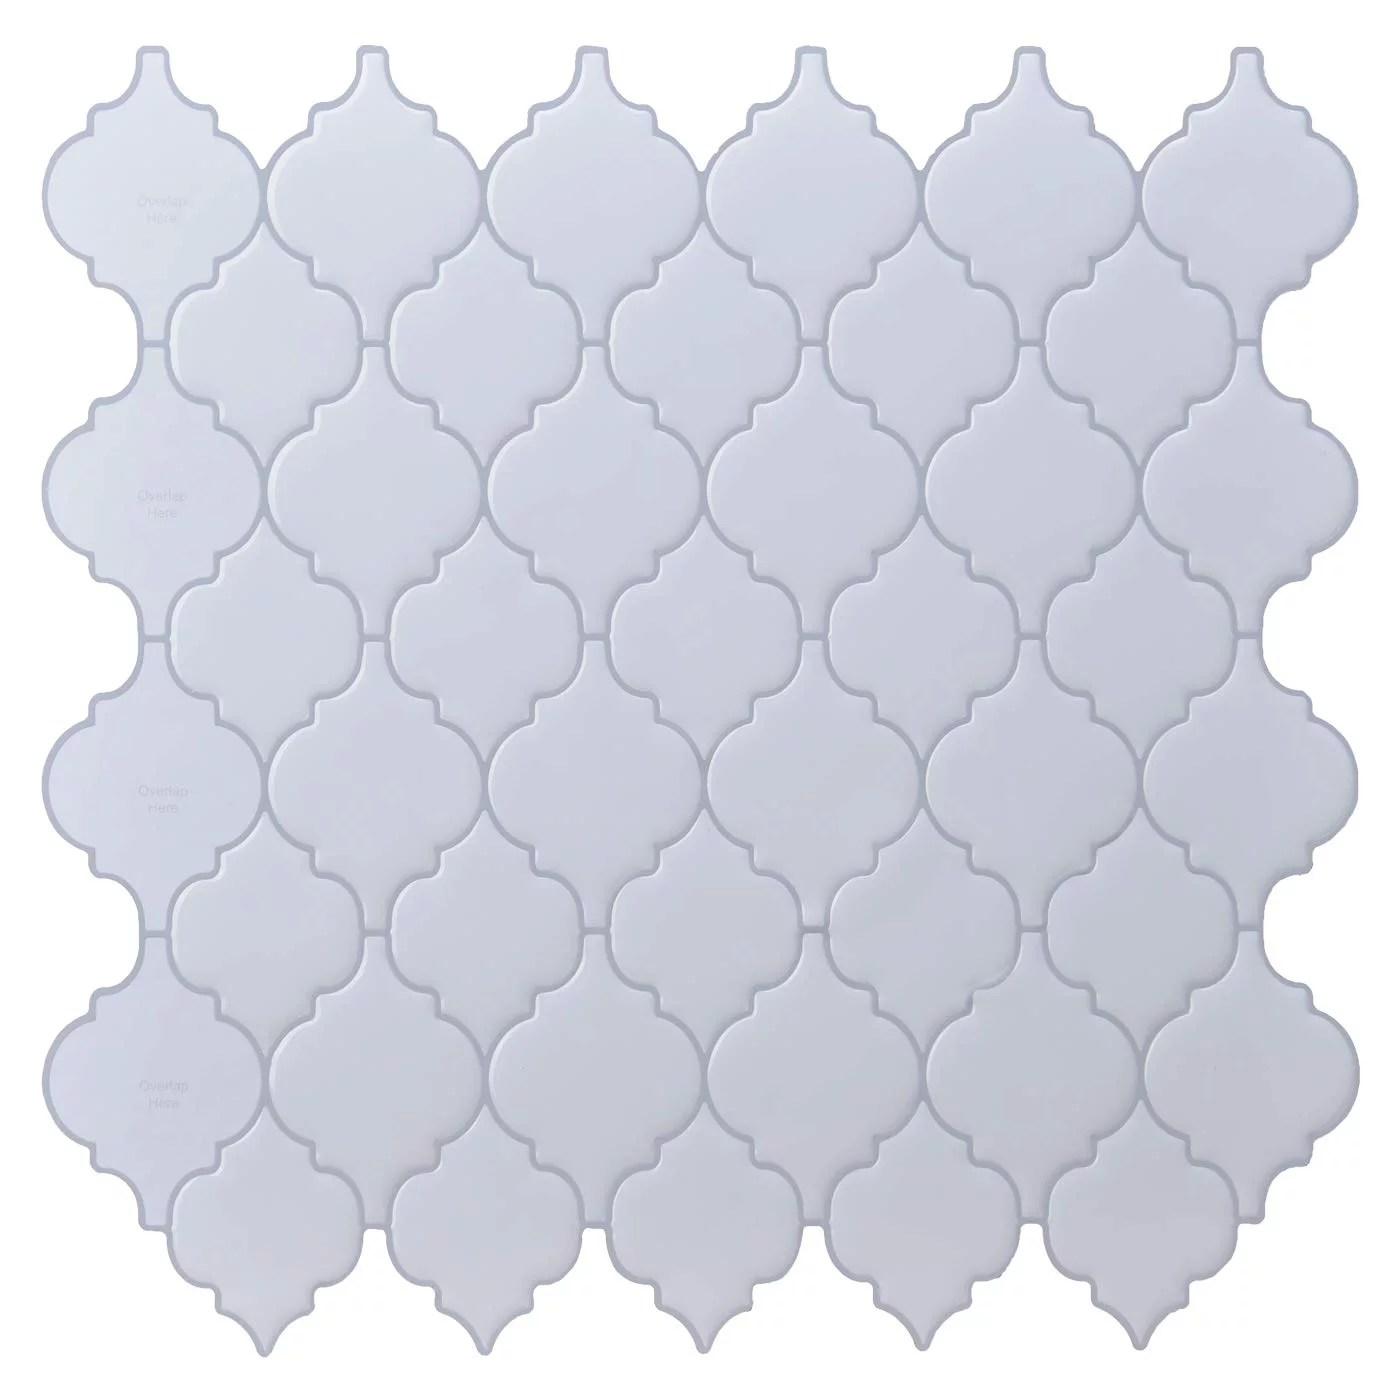 longking peel and stick backsplash tile light gray arabesque wall tile 12 in x 12 in 10 pack